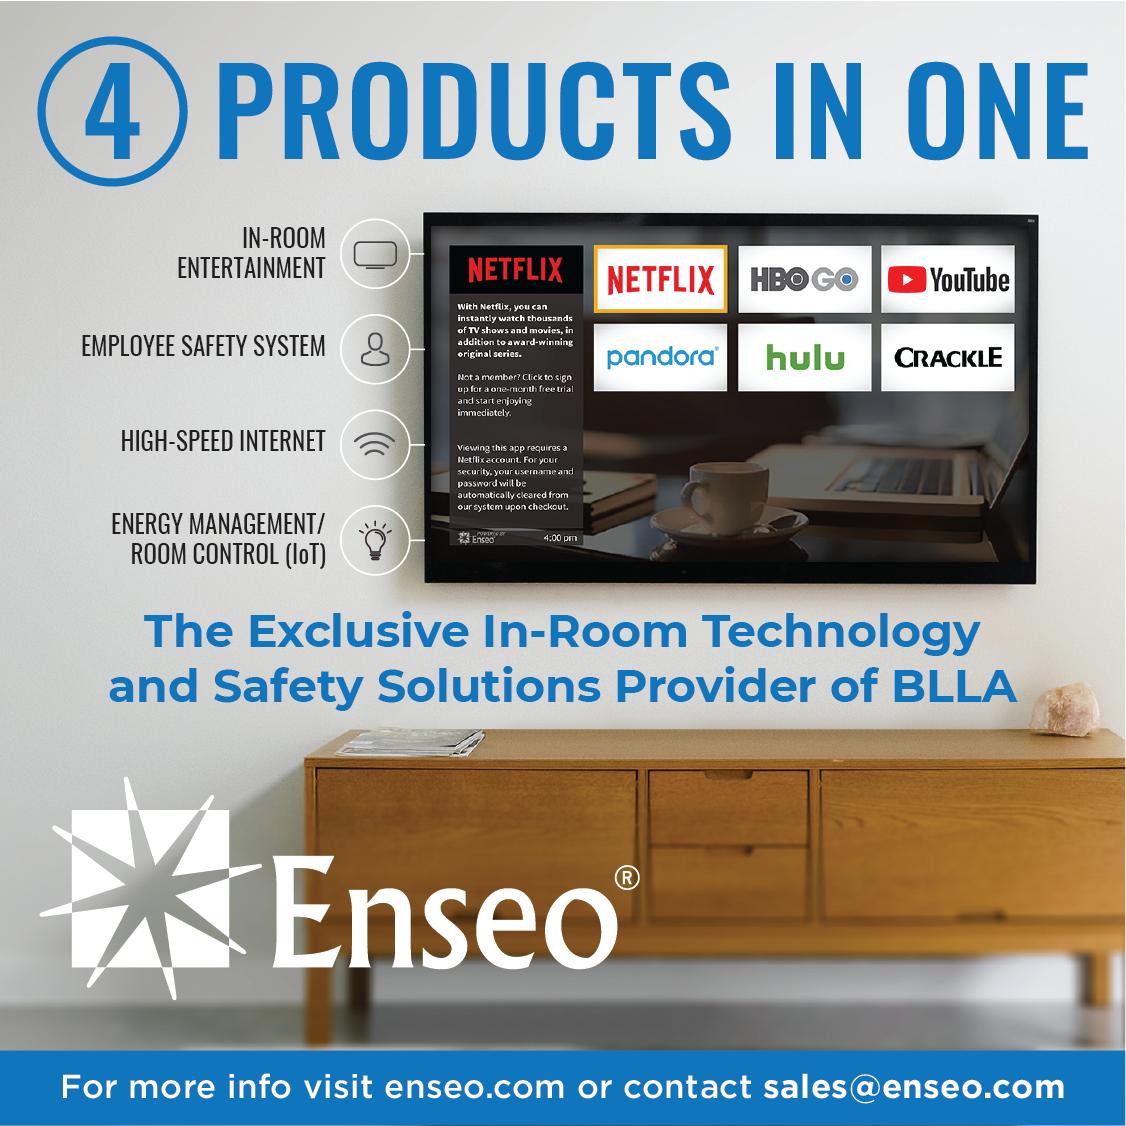 Enseo - BLLA 270 x 270 ad 20190108 (1)